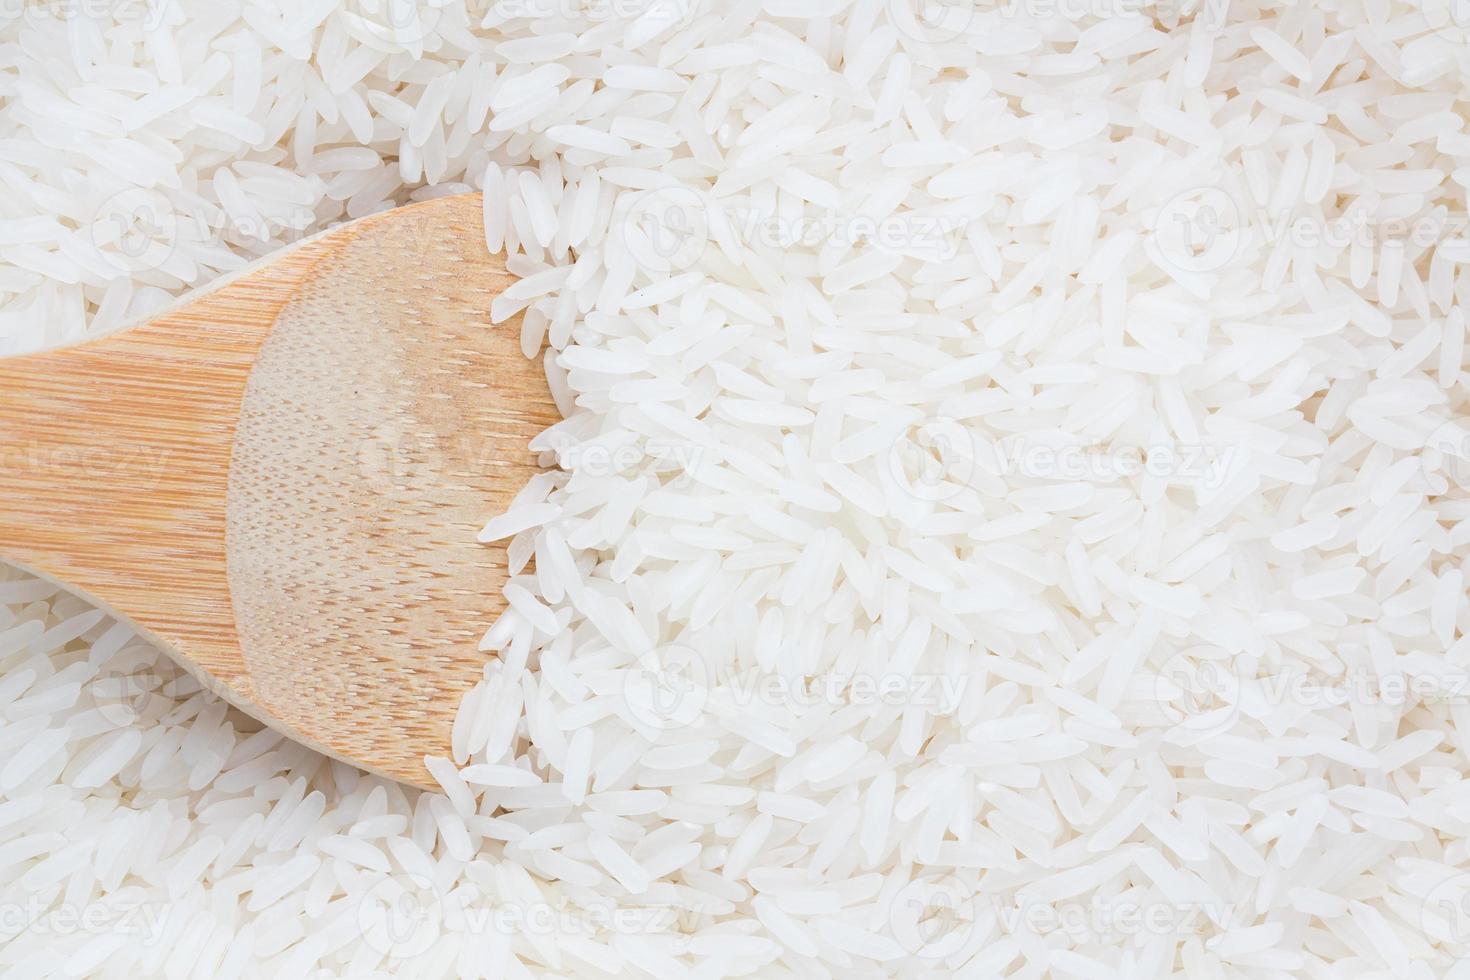 ris på träsked foto